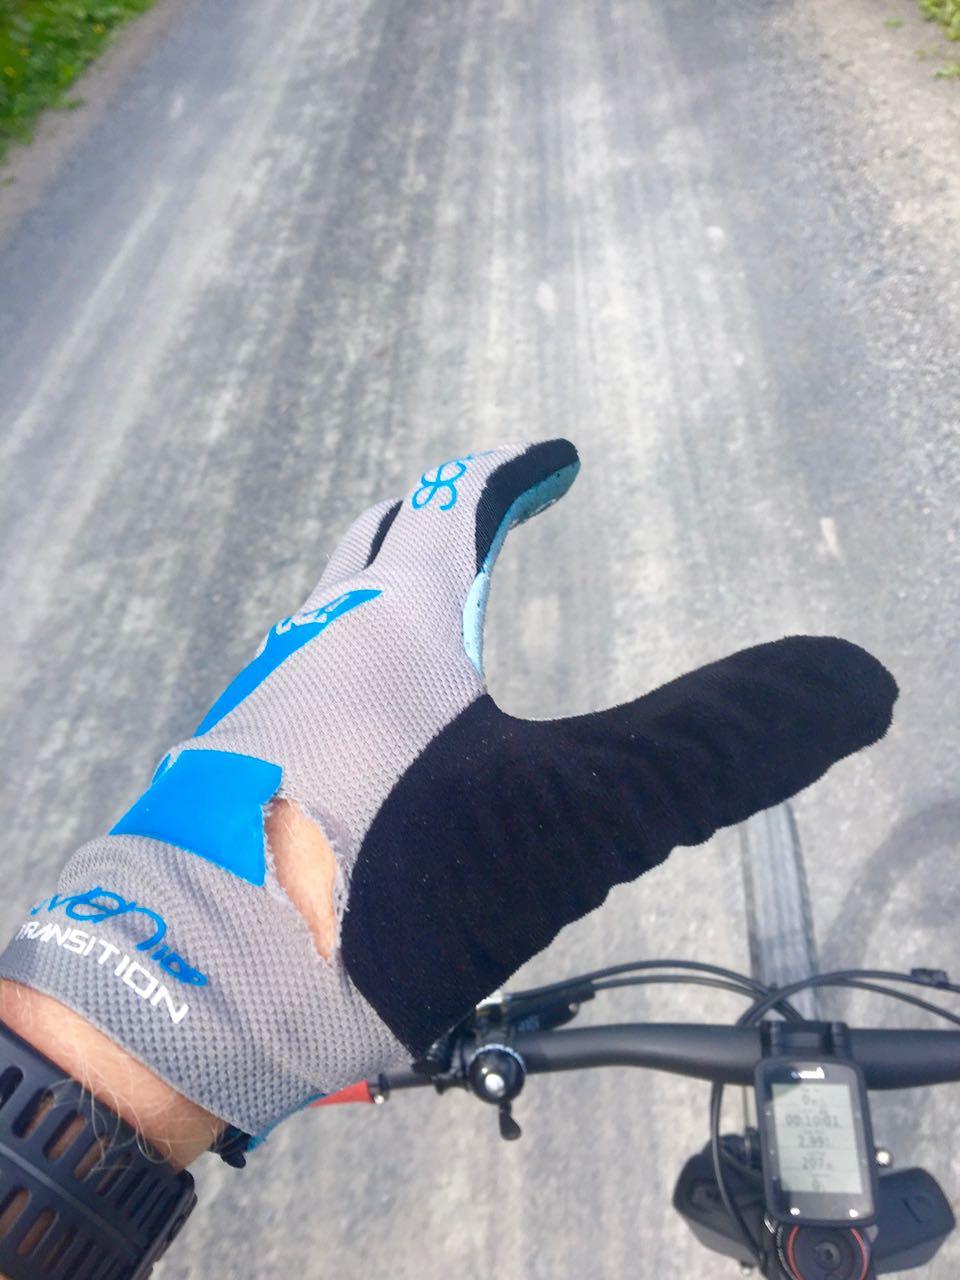 HULL: Et tryn tidlig i testperioden kostet 15 sting, en brukket Giro-hjelm, en røket klokkerem og et hull i 7-hanskene. Hullet har ikke blitt større med tid og bruk.